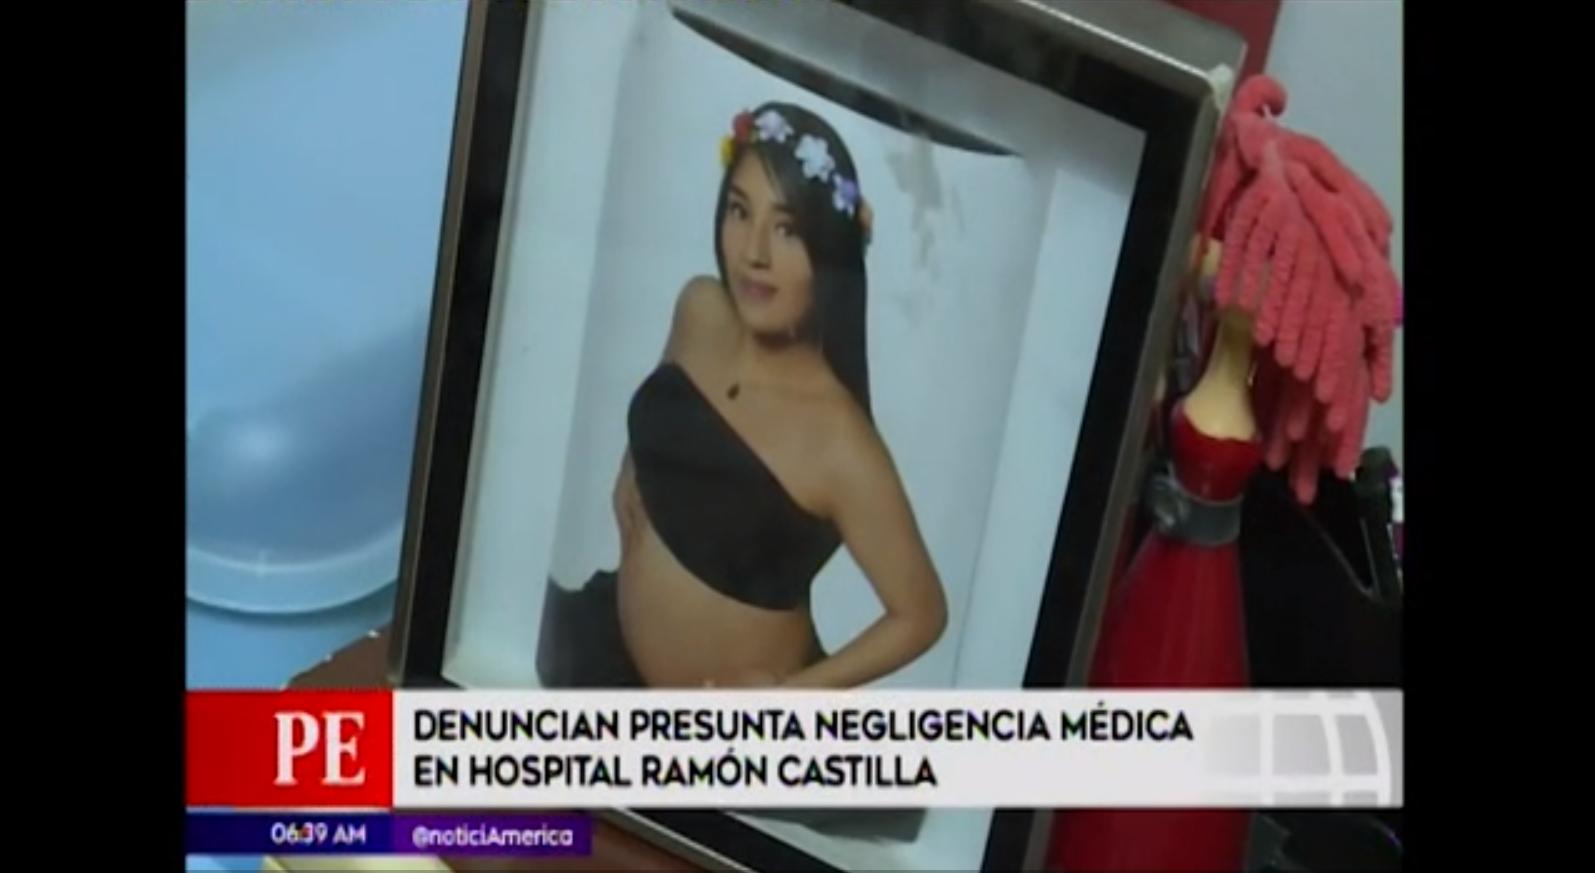 Denuncian presunta negligencia médica durante parto de joven en hospital Ramón Castilla - Diario Perú21